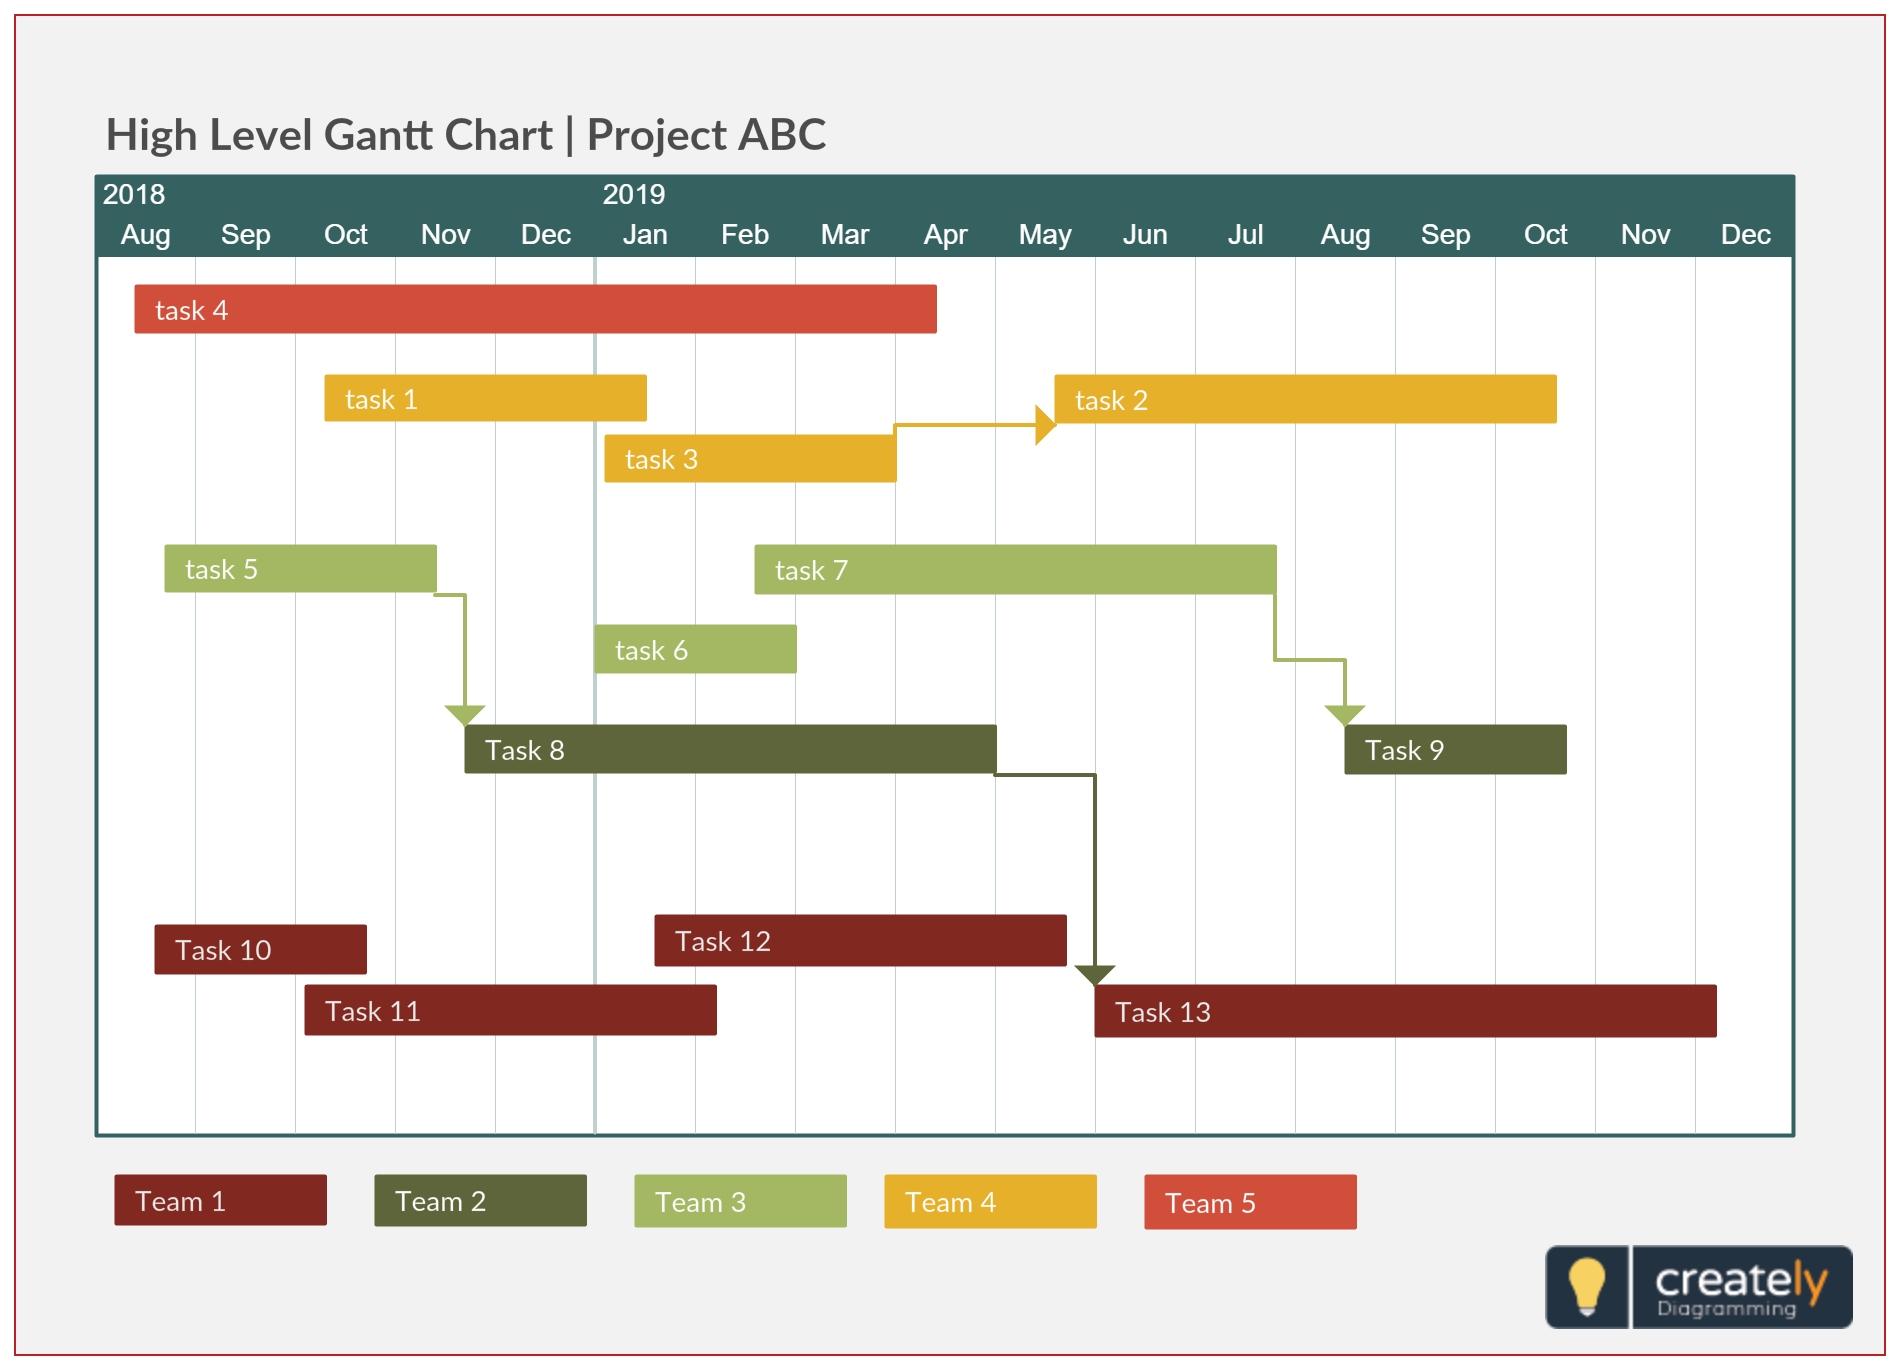 A Simple Gantt Chart Template Providing A High Level